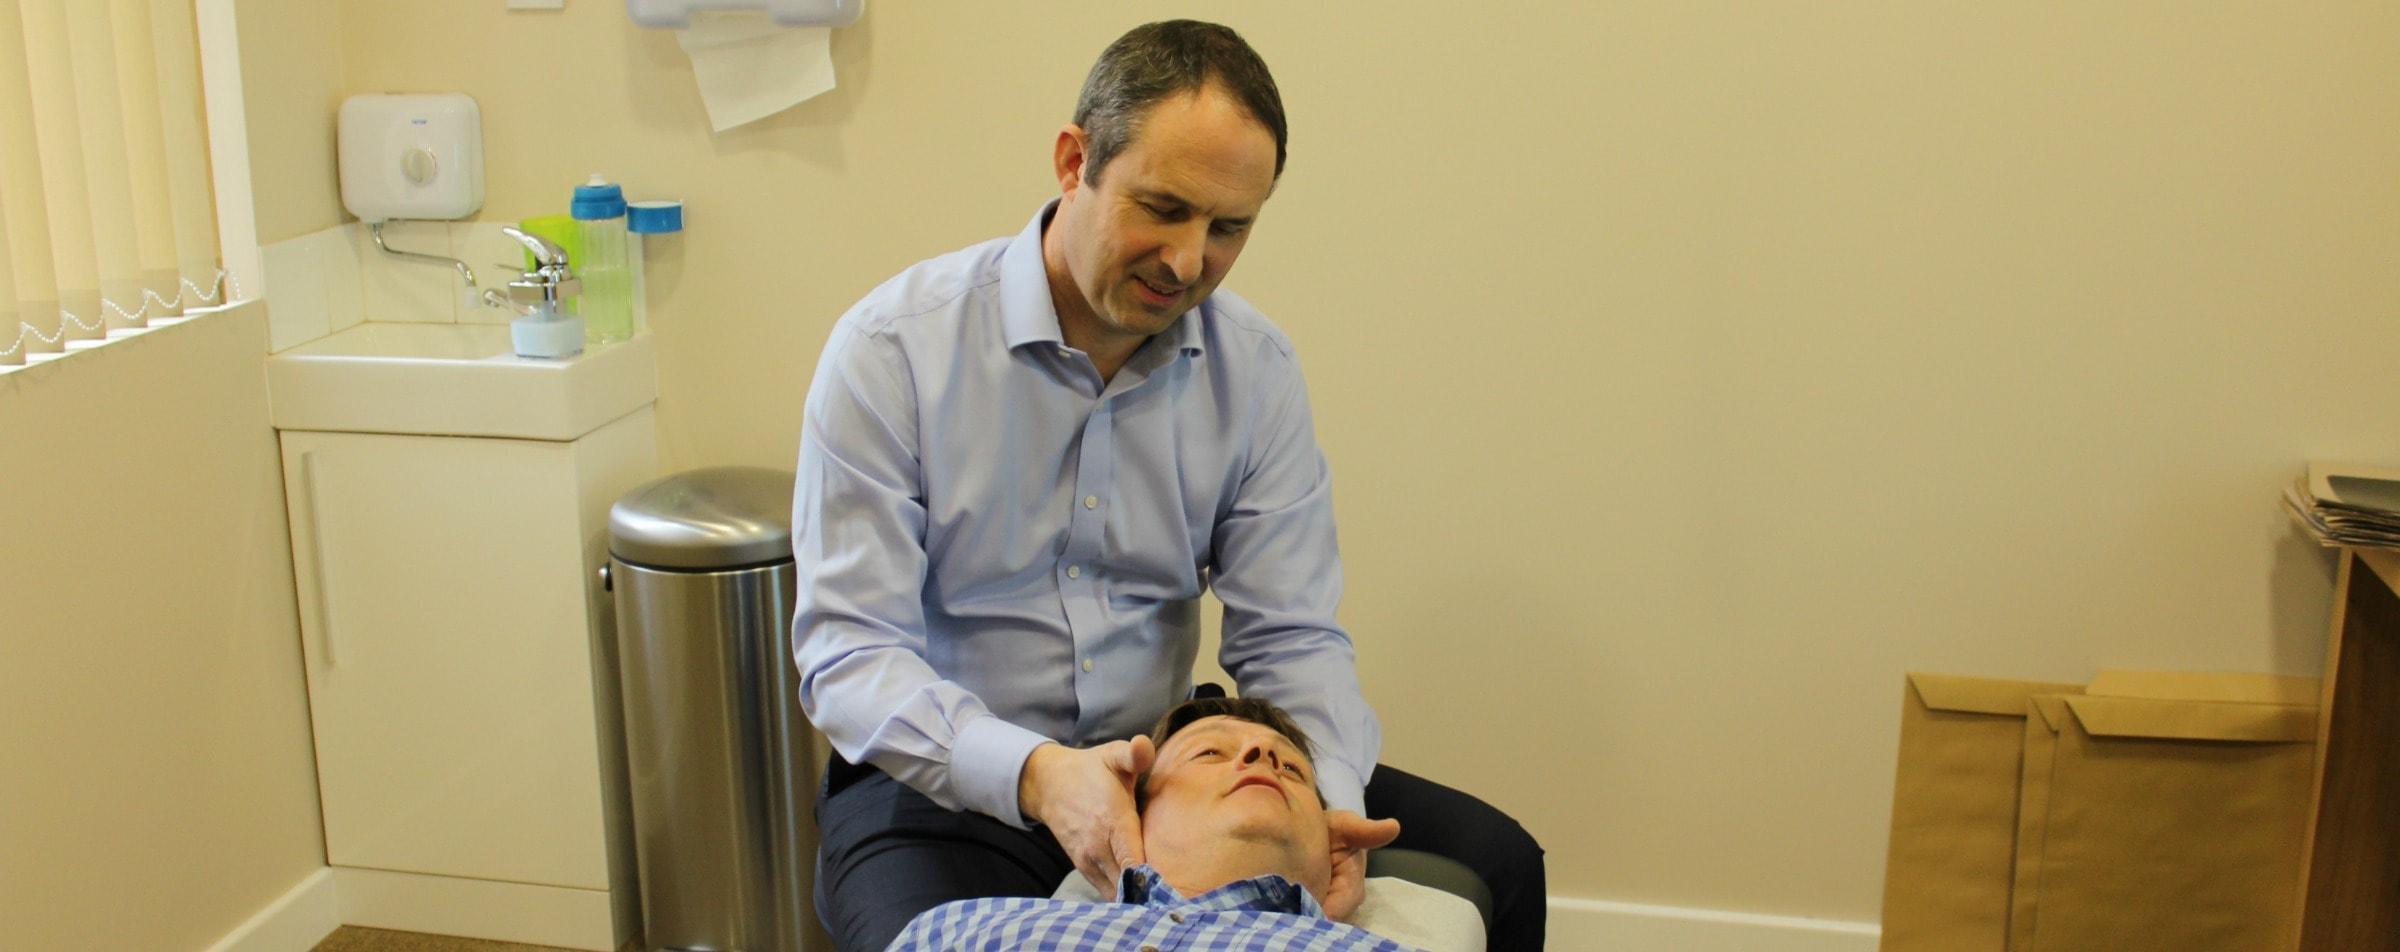 ben chiropractor in birmingham with patient